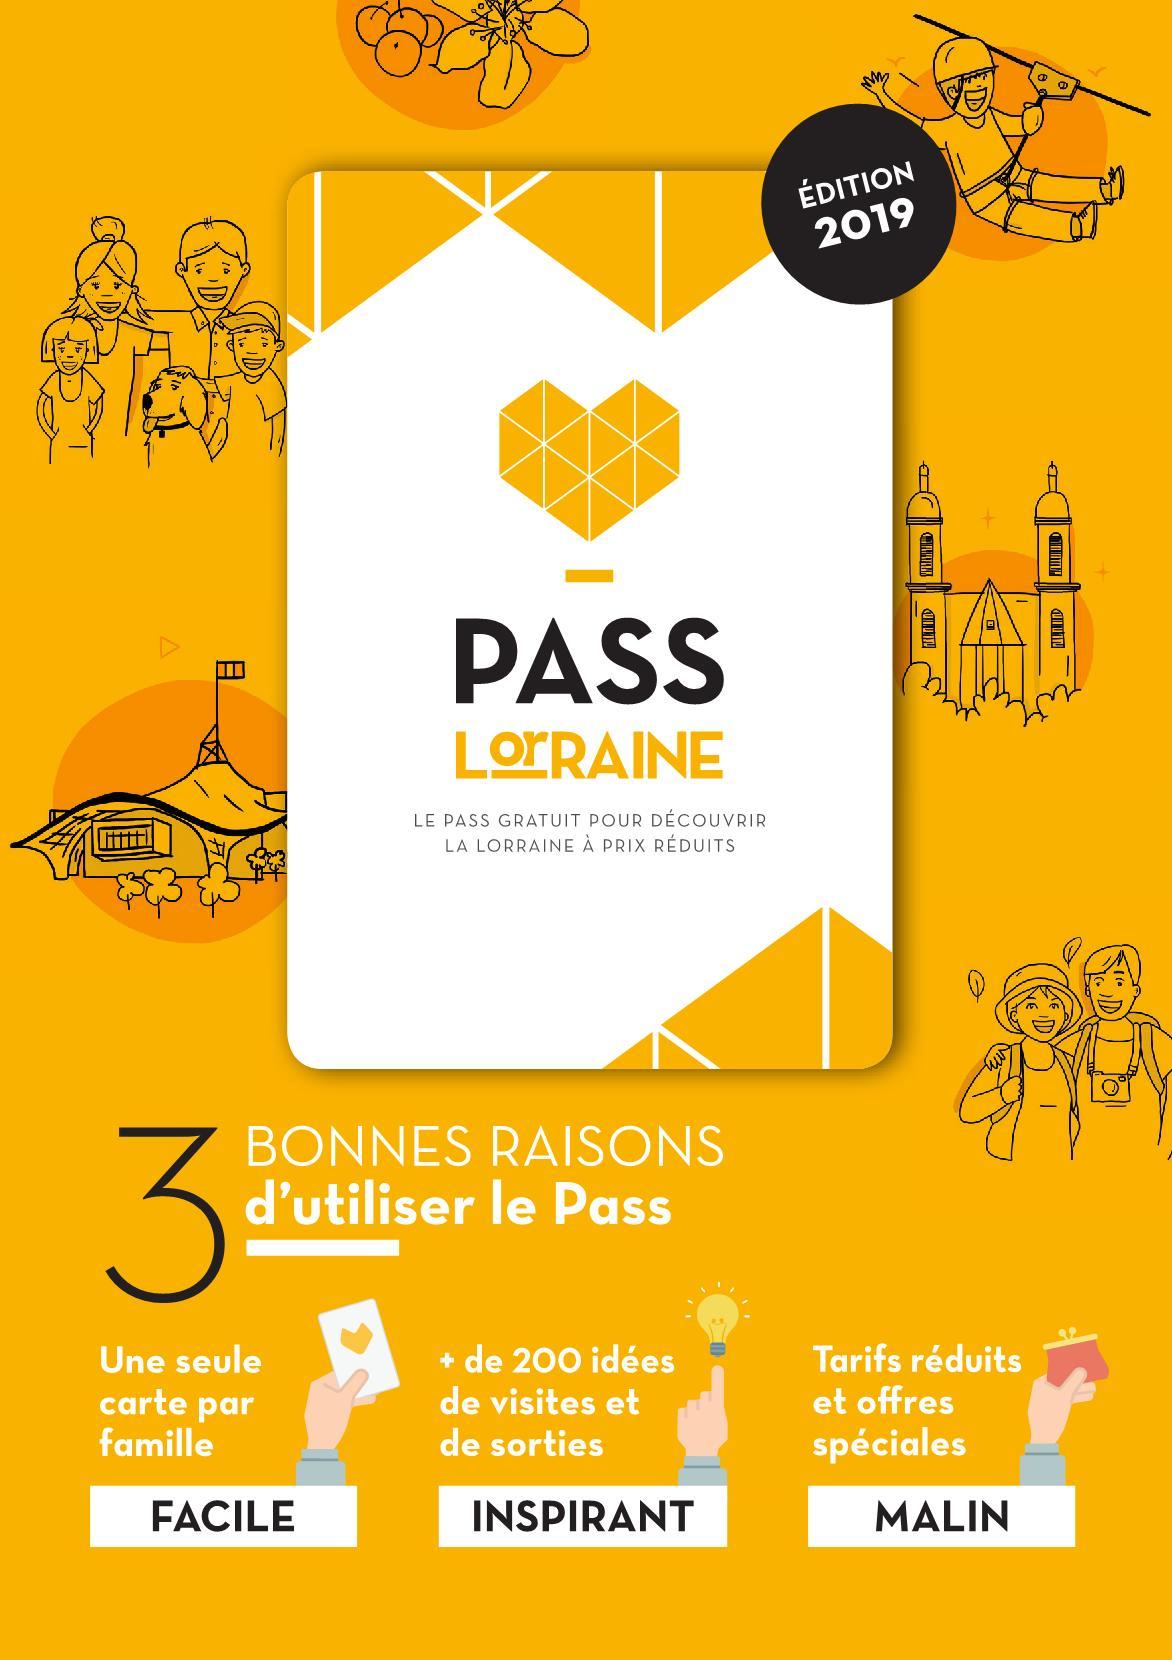 Pass Lorraine Gratuit : Bons Plans et Réductions Edition 2019